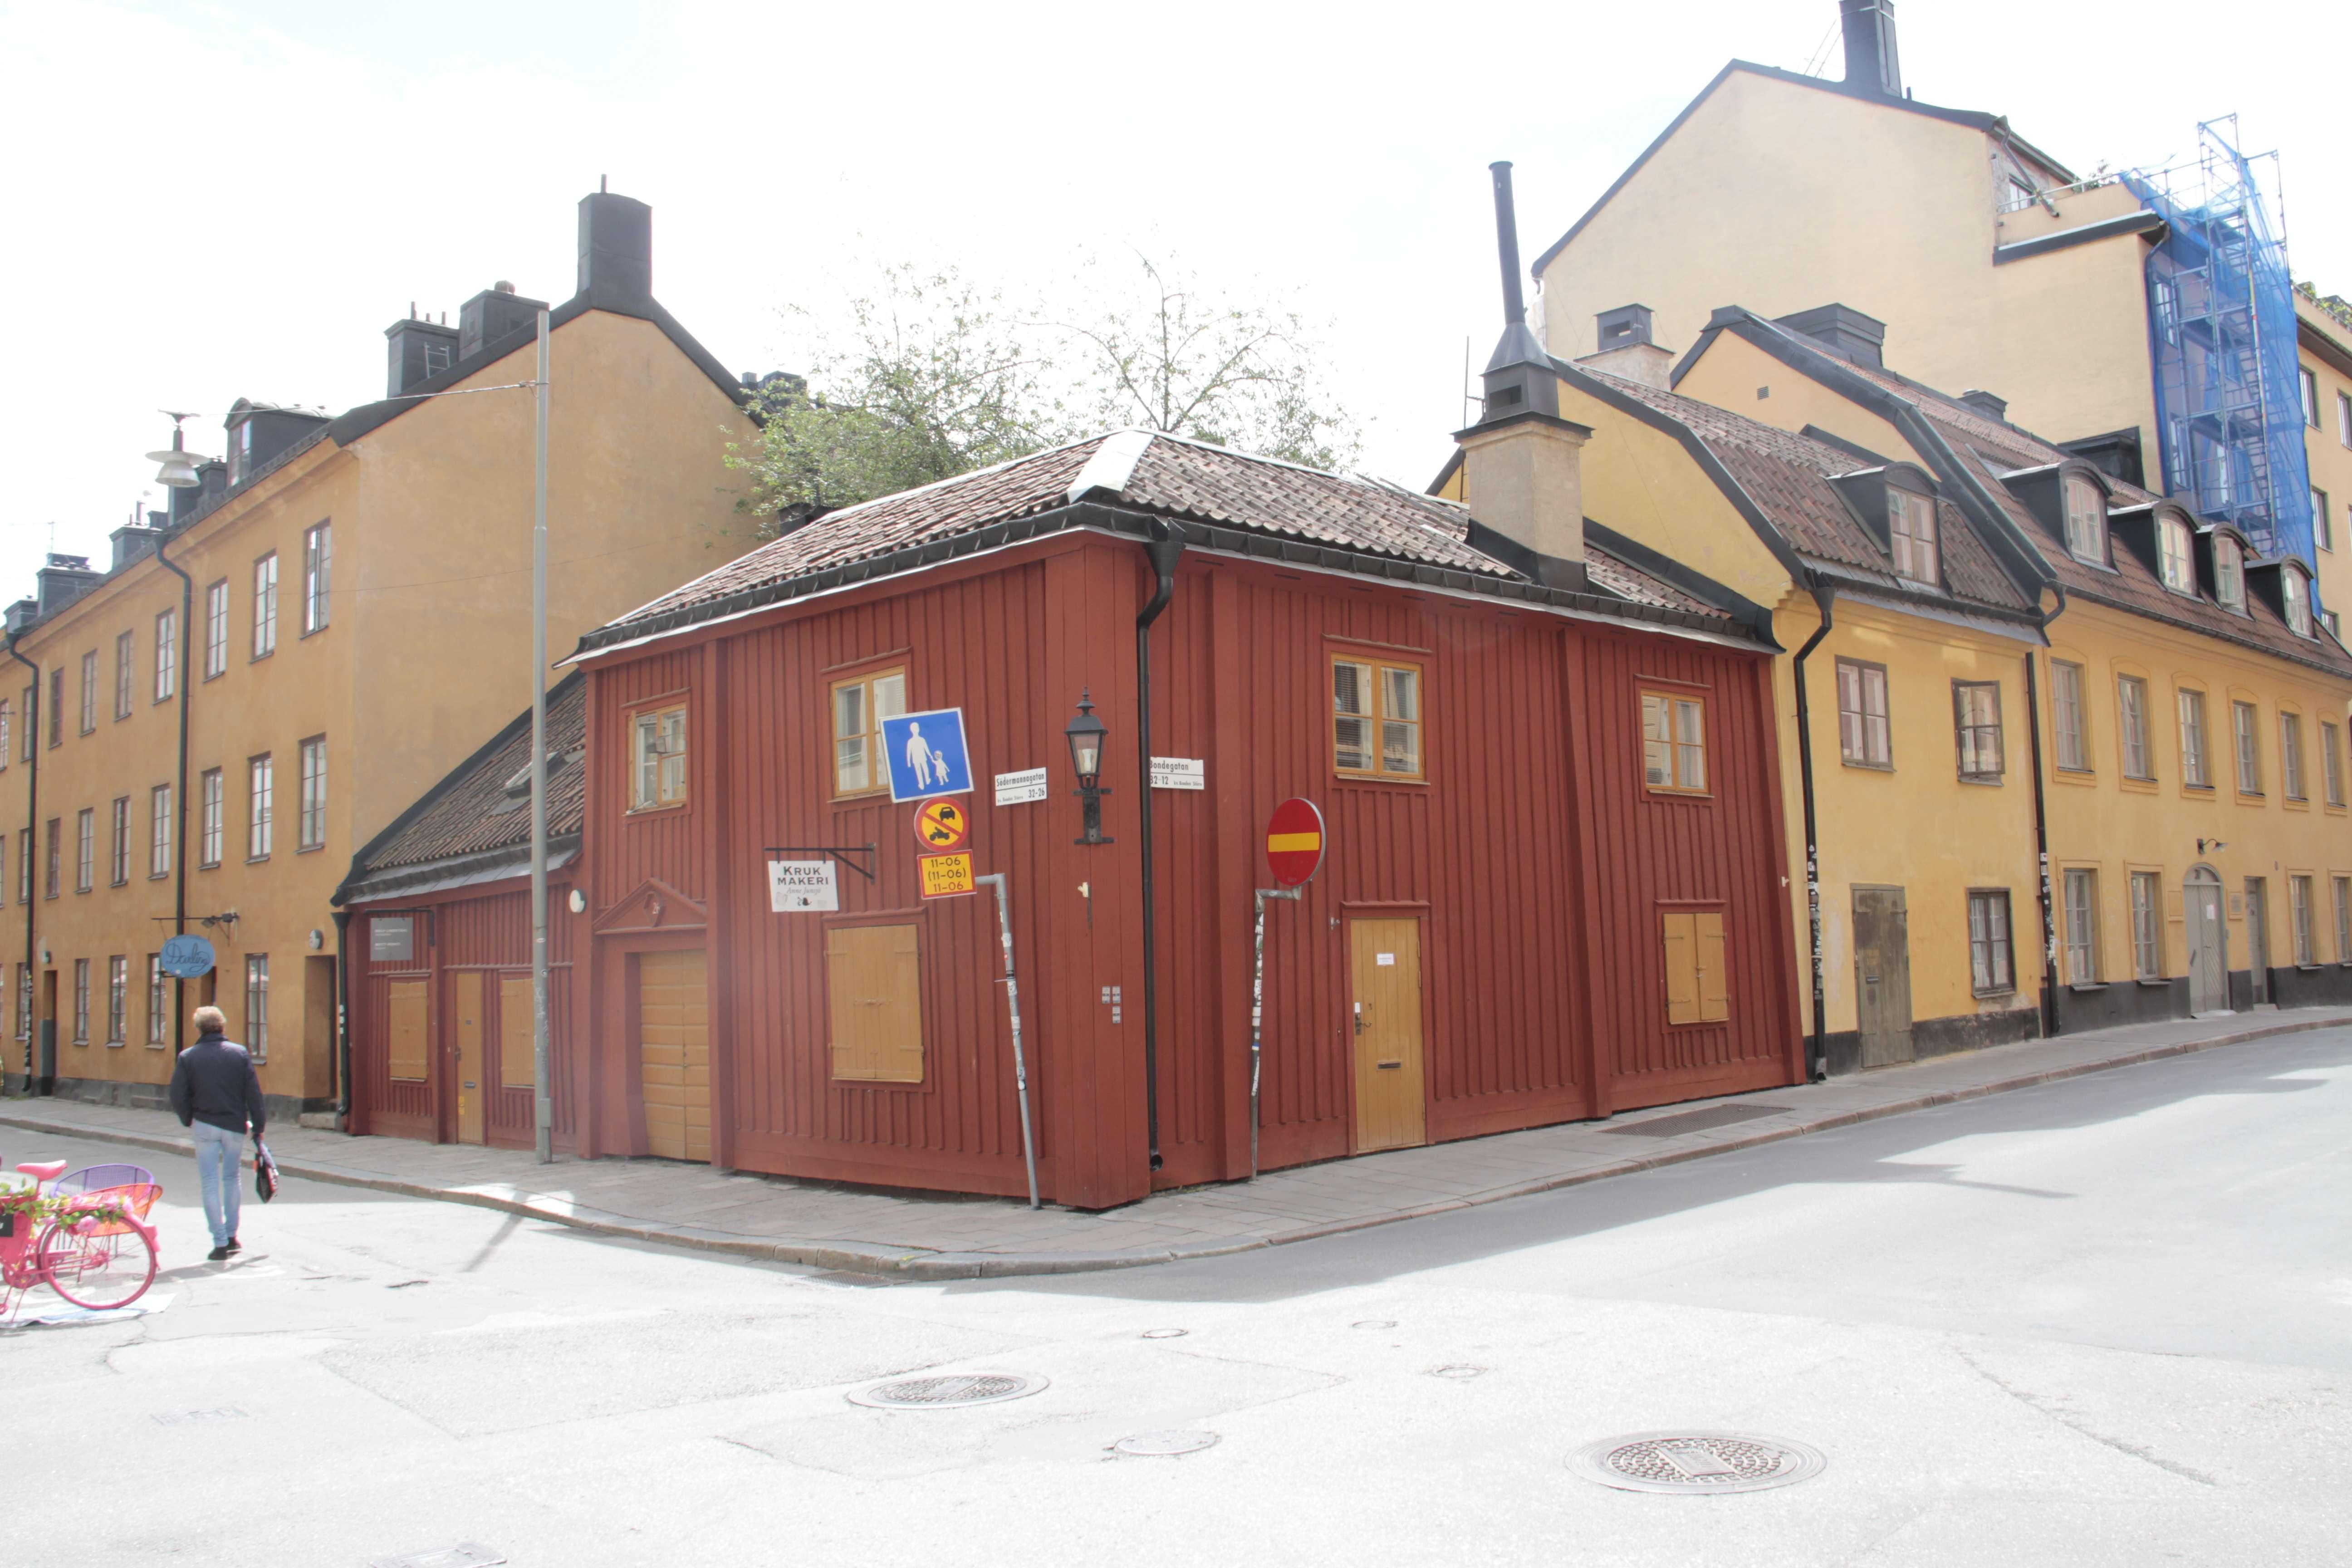 Suede_0132 Stockholm Sodermalm